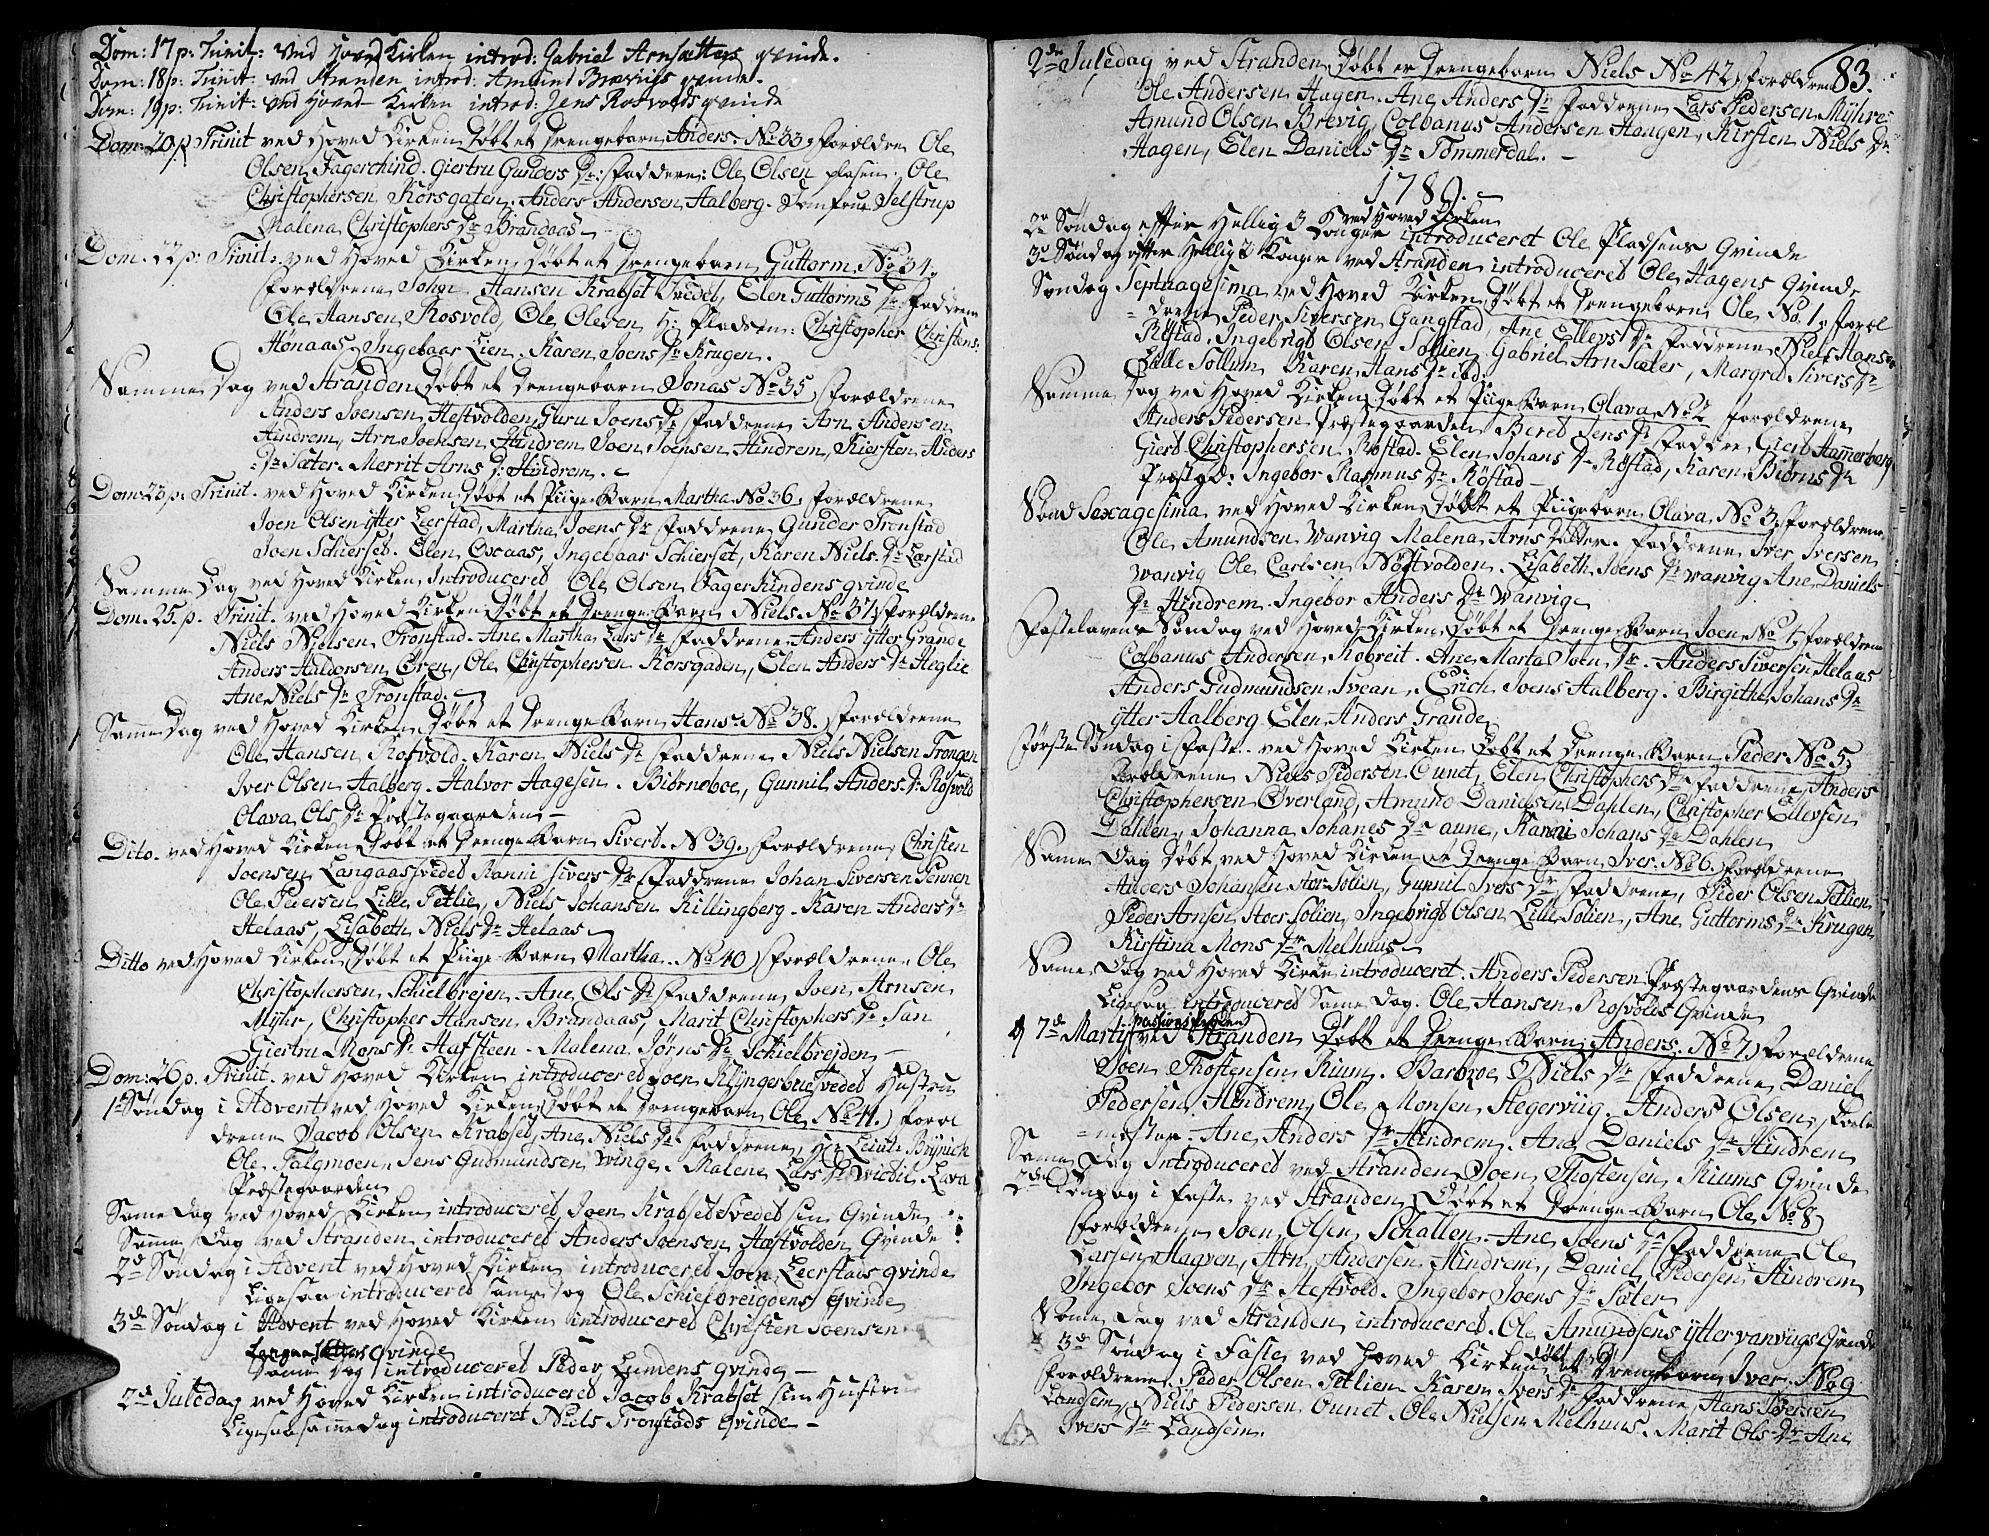 SAT, Ministerialprotokoller, klokkerbøker og fødselsregistre - Nord-Trøndelag, 701/L0004: Ministerialbok nr. 701A04, 1783-1816, s. 83